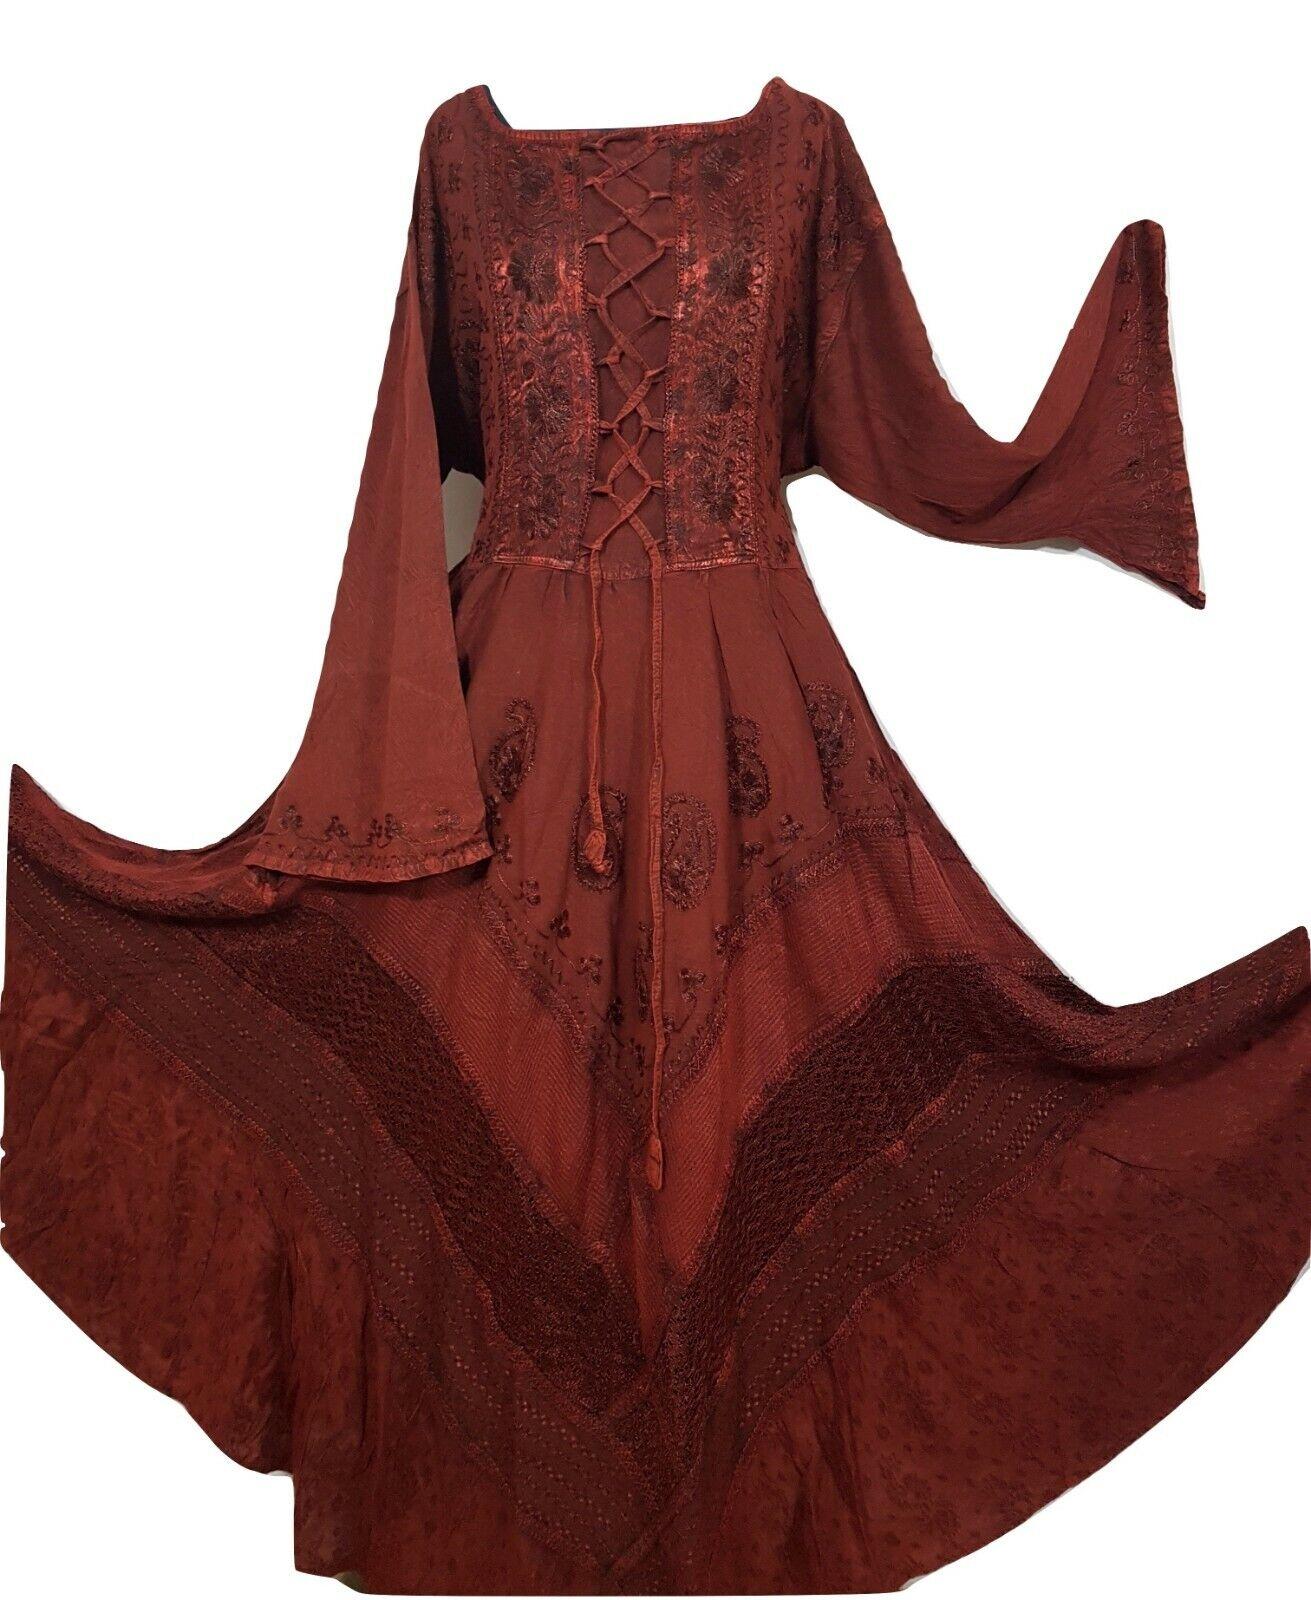 Rinascimento Bell Manica Vittoriano Medievale Flare Vestito con Corsetto Orlo 14 16 18 20 22